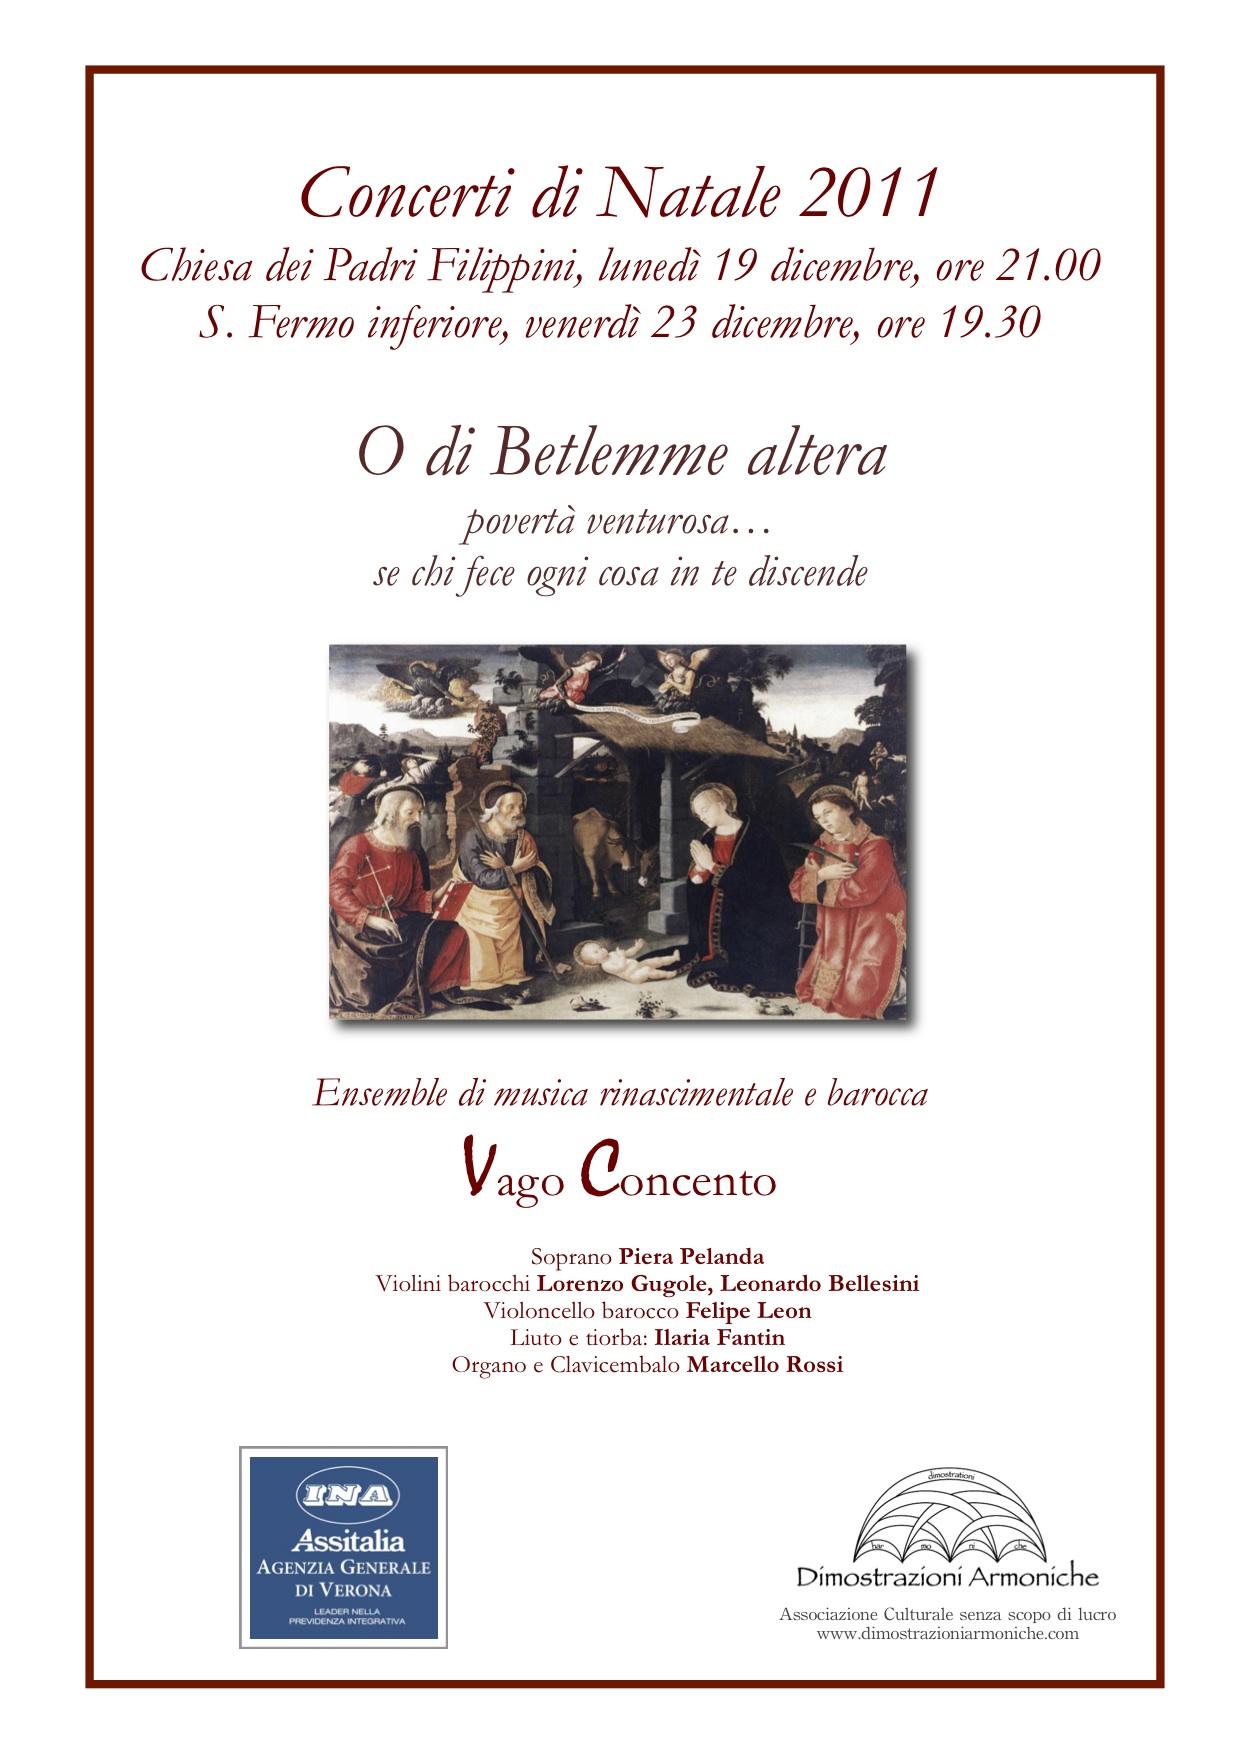 2011 5 concerti di natale 2011-2